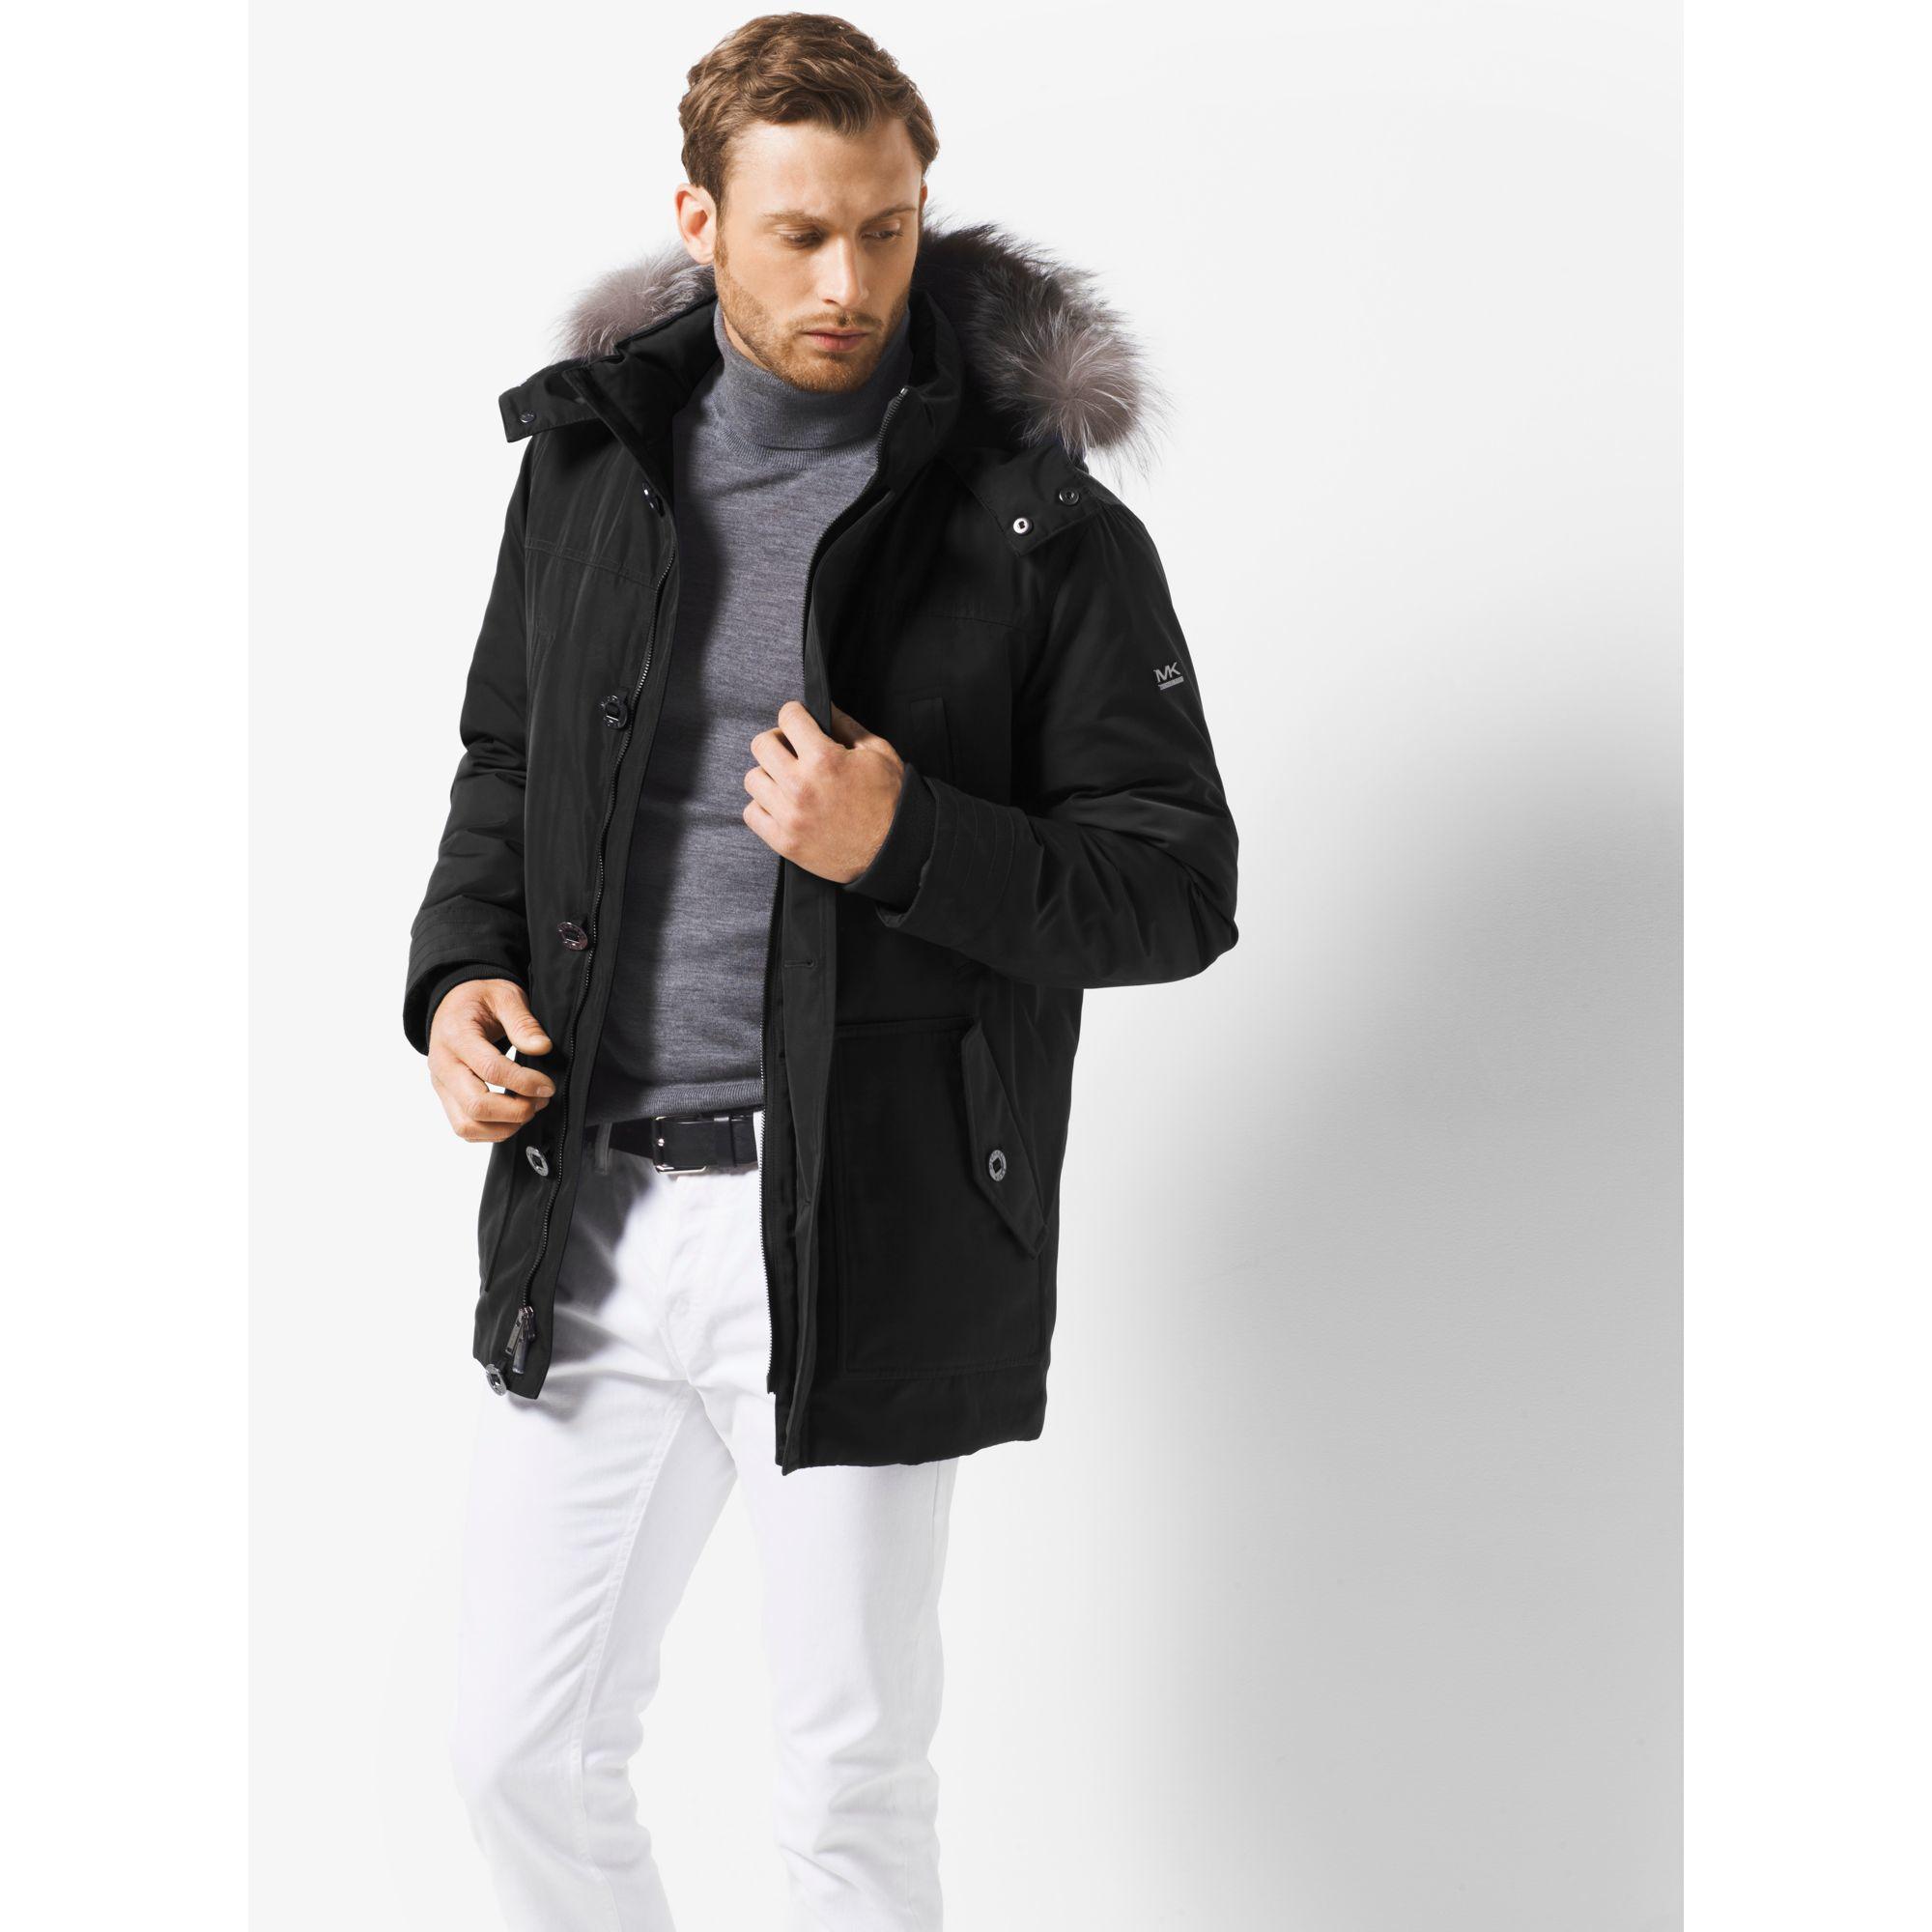 cf48173dd2a79 Lyst - Michael Kors Fur-trimmed Parka in Black for Men